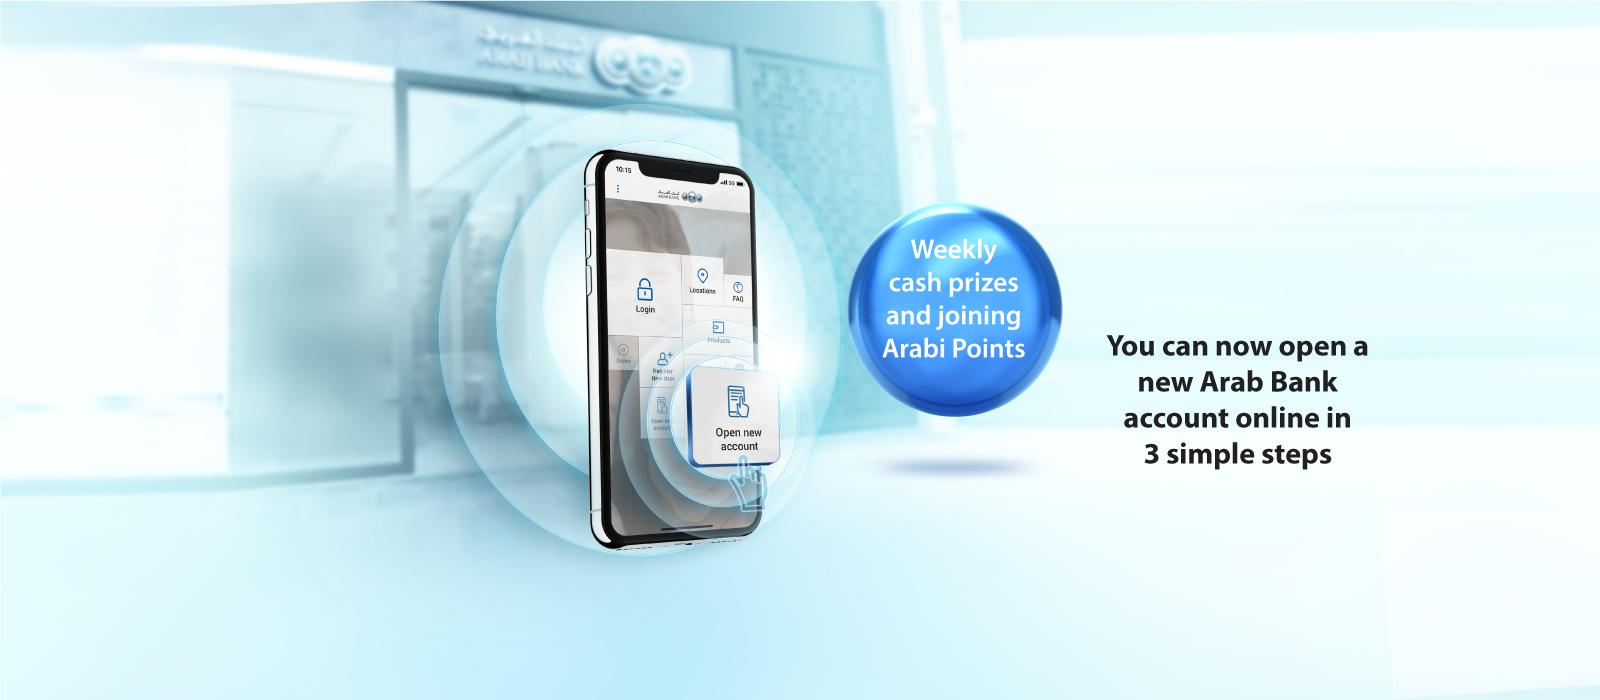 Open a new Arab bank account online maoin banner